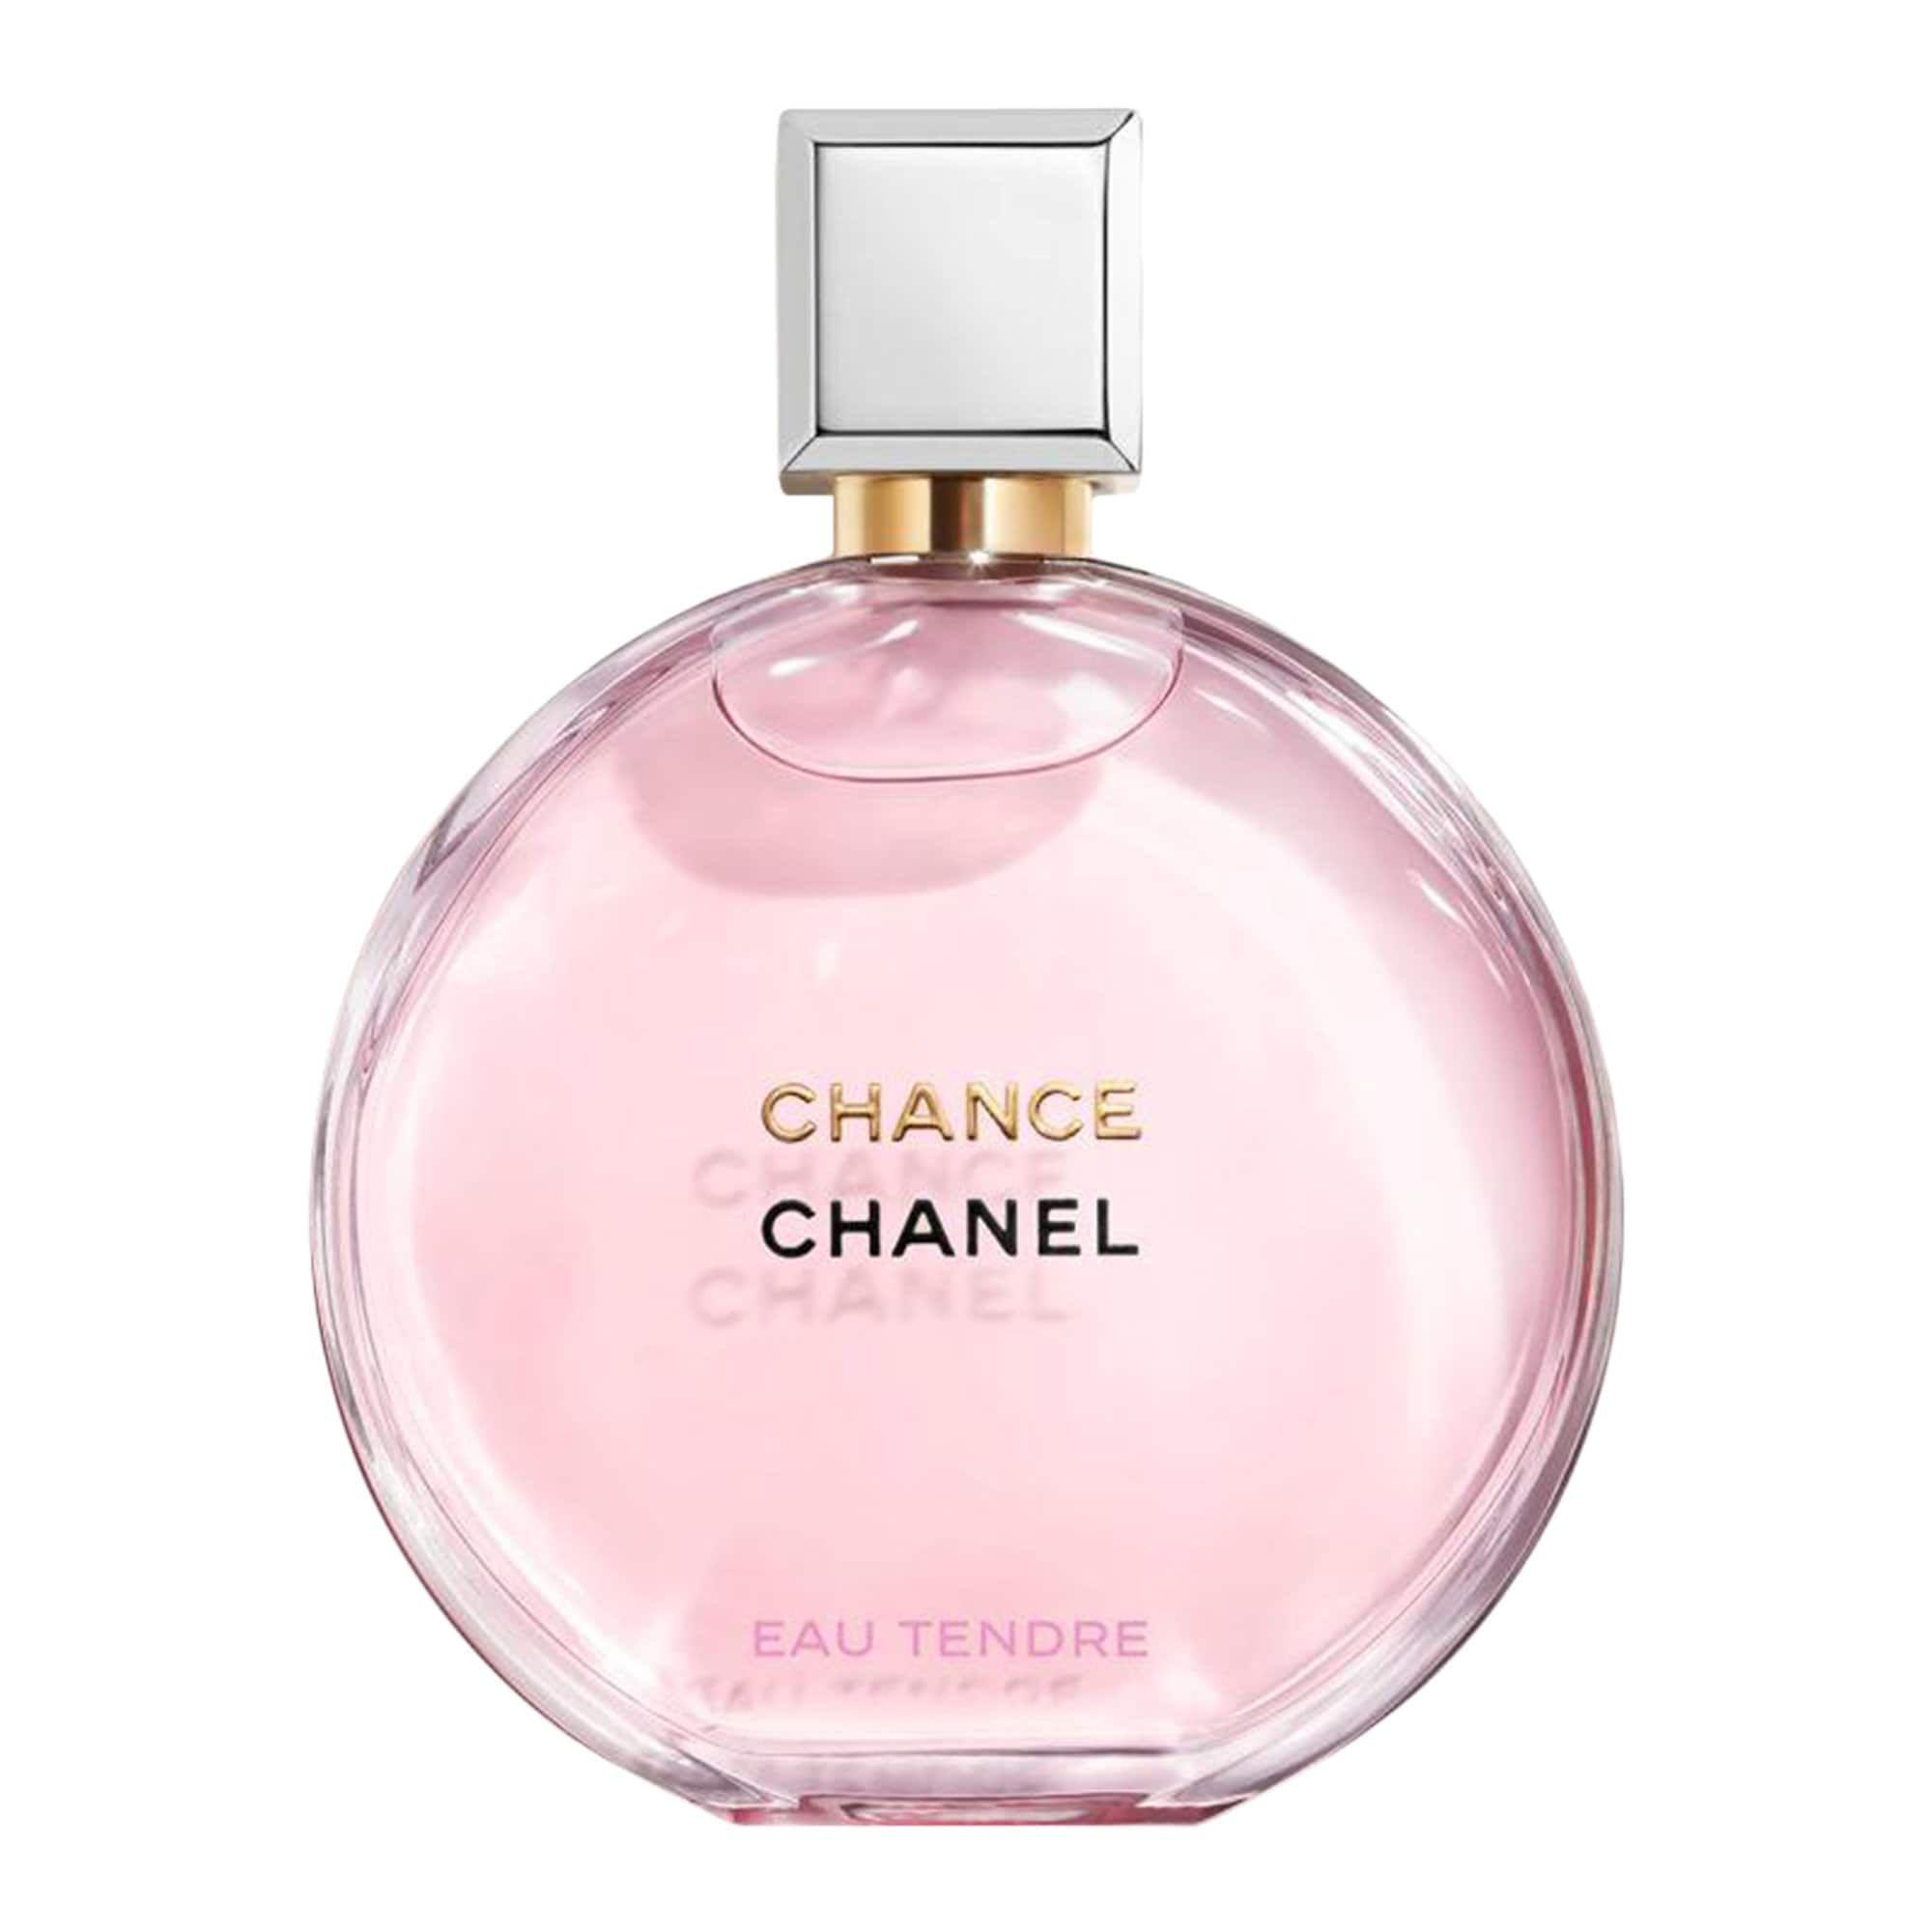 0cf3ac38a7a CHANEL Chance Eau Tendre Eau de Parfum 1.7oz 50mL Eau de Parfum Spray